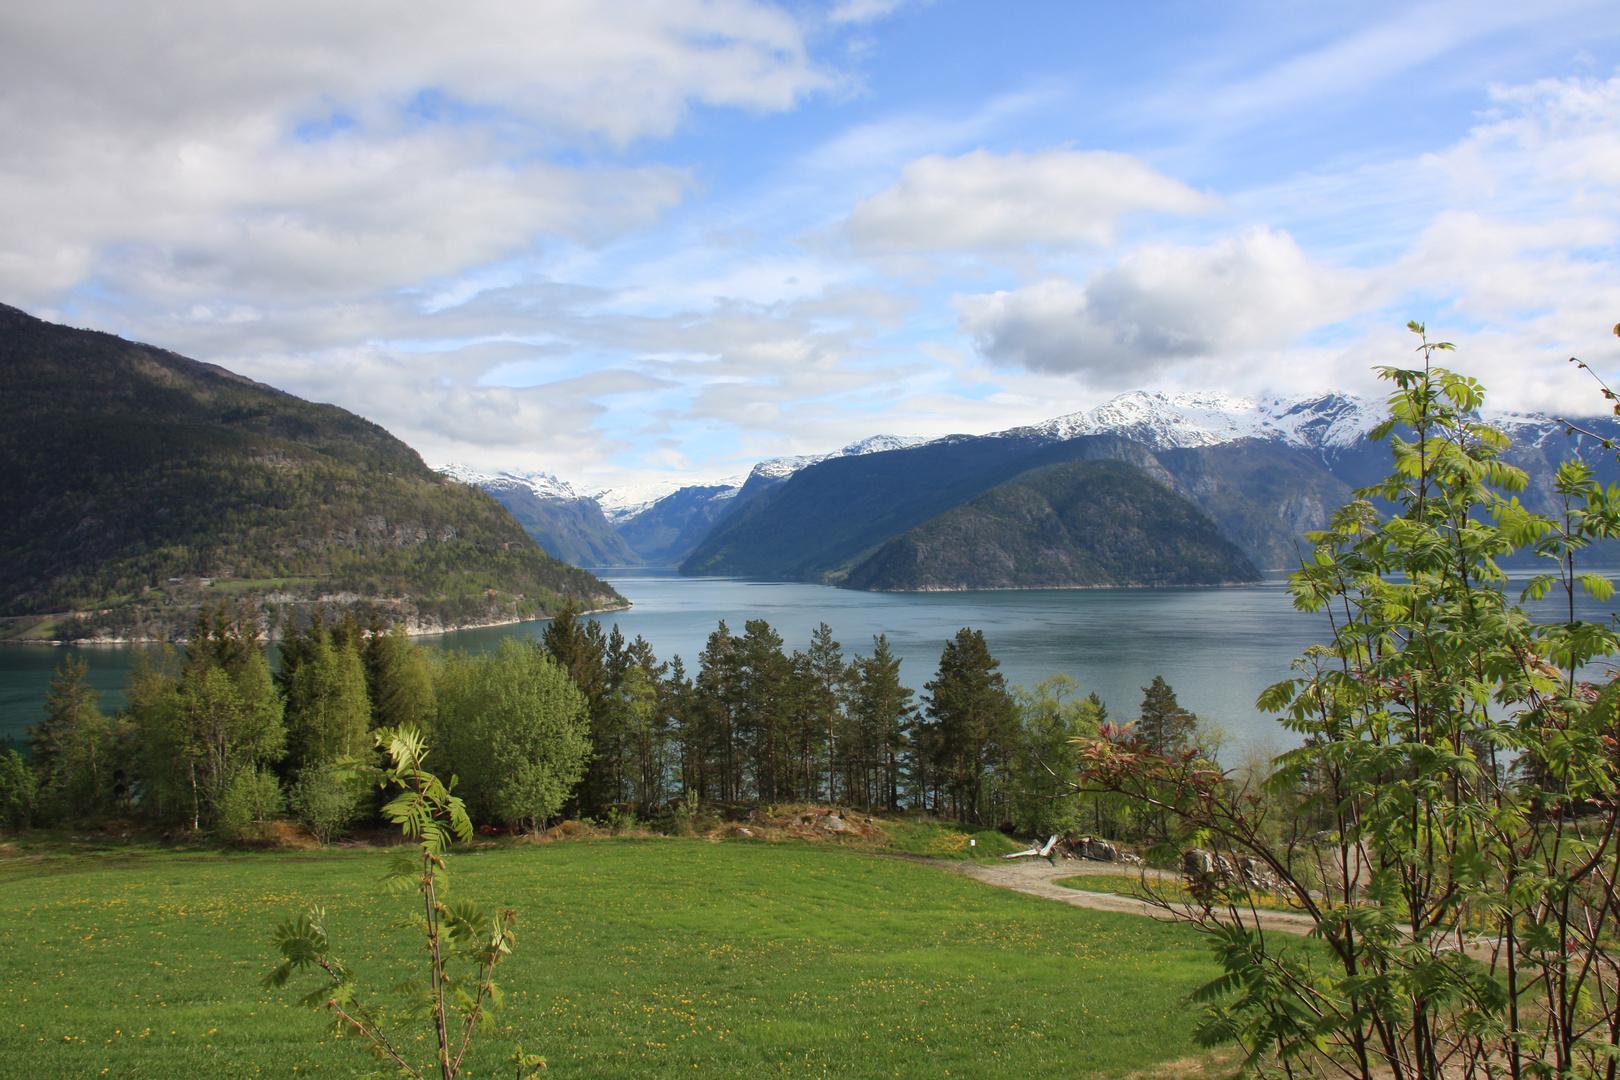 2010 05 18 - Blick auf den Hardangerfjord